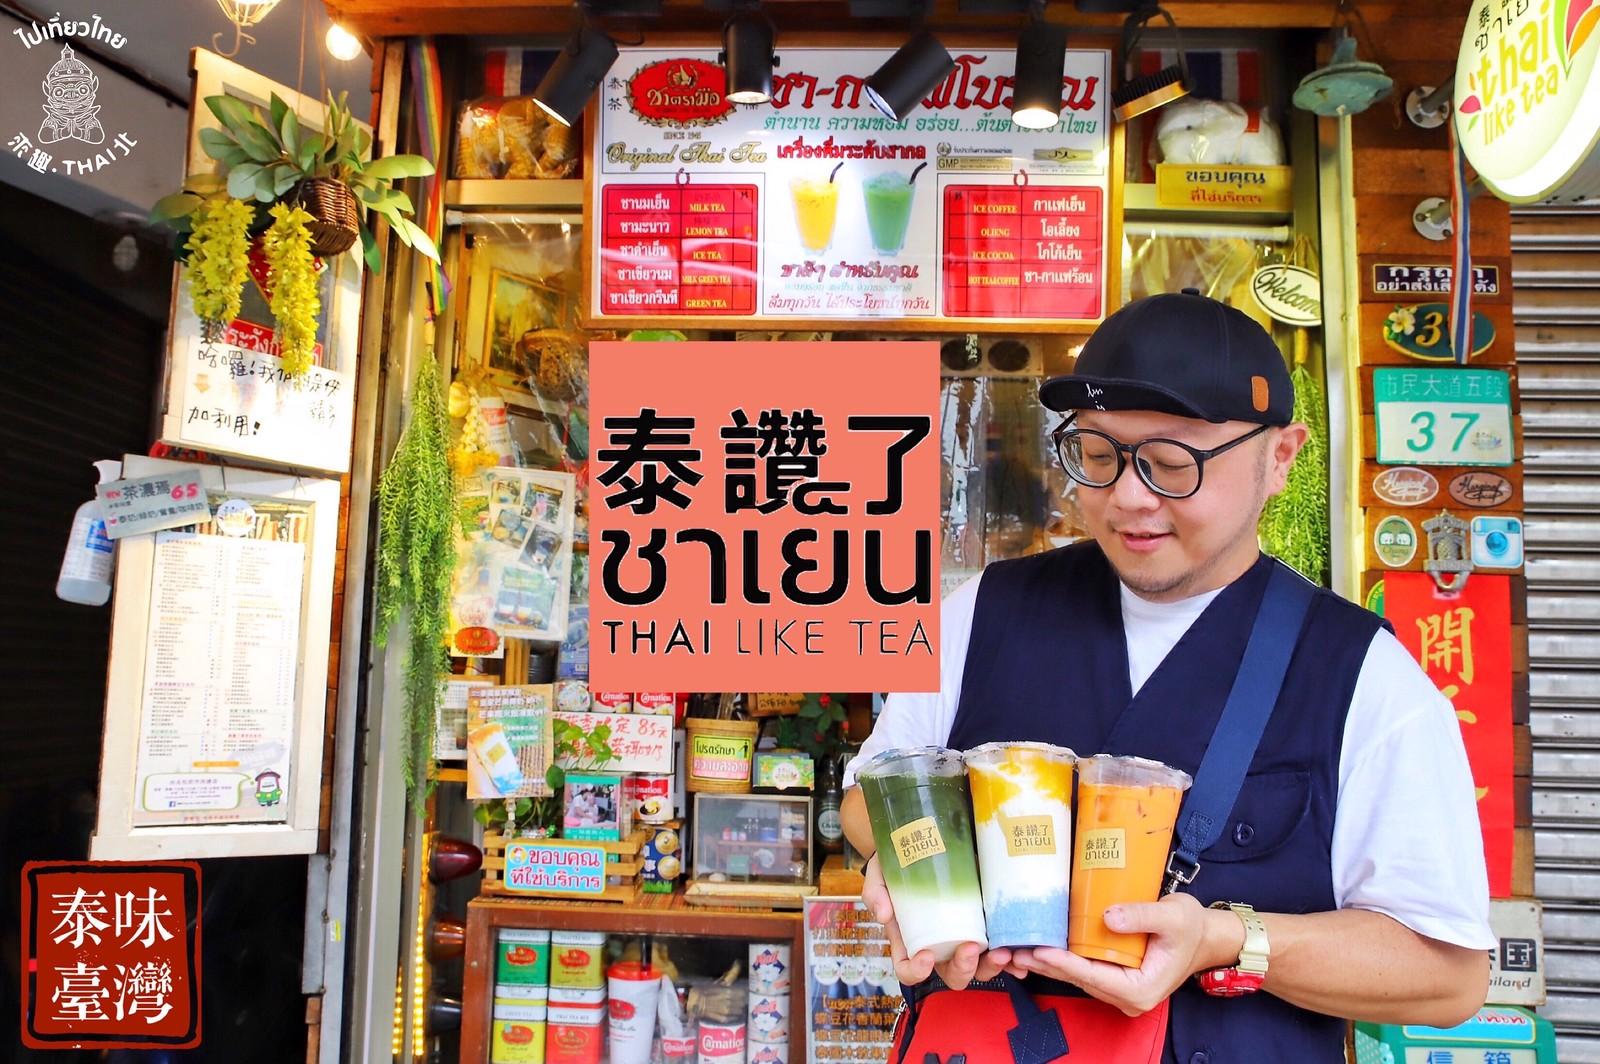 台北街頭泰道地的泰奶名店「泰讚了 Thai like tea」